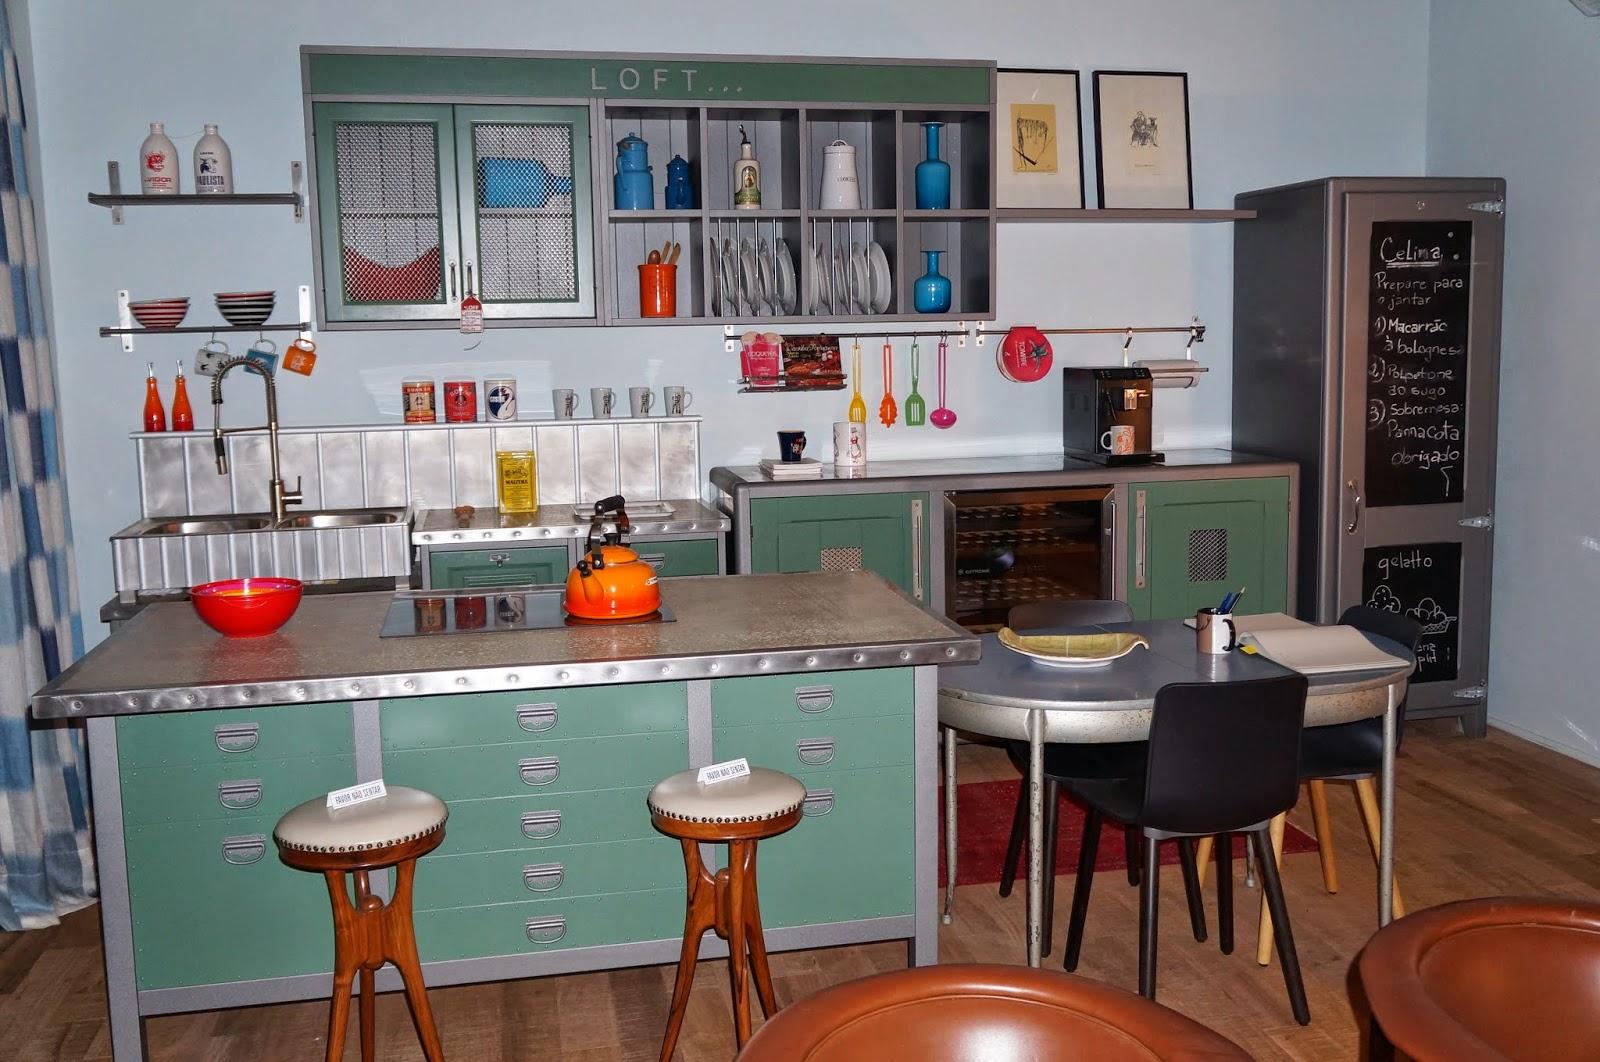 #723C29  ambientes no estilo retrô Blog Carina Pedro Design de Interiores 1600x1062 px Projeto Para Montar Uma Cozinha Industrial_4963 Imagens